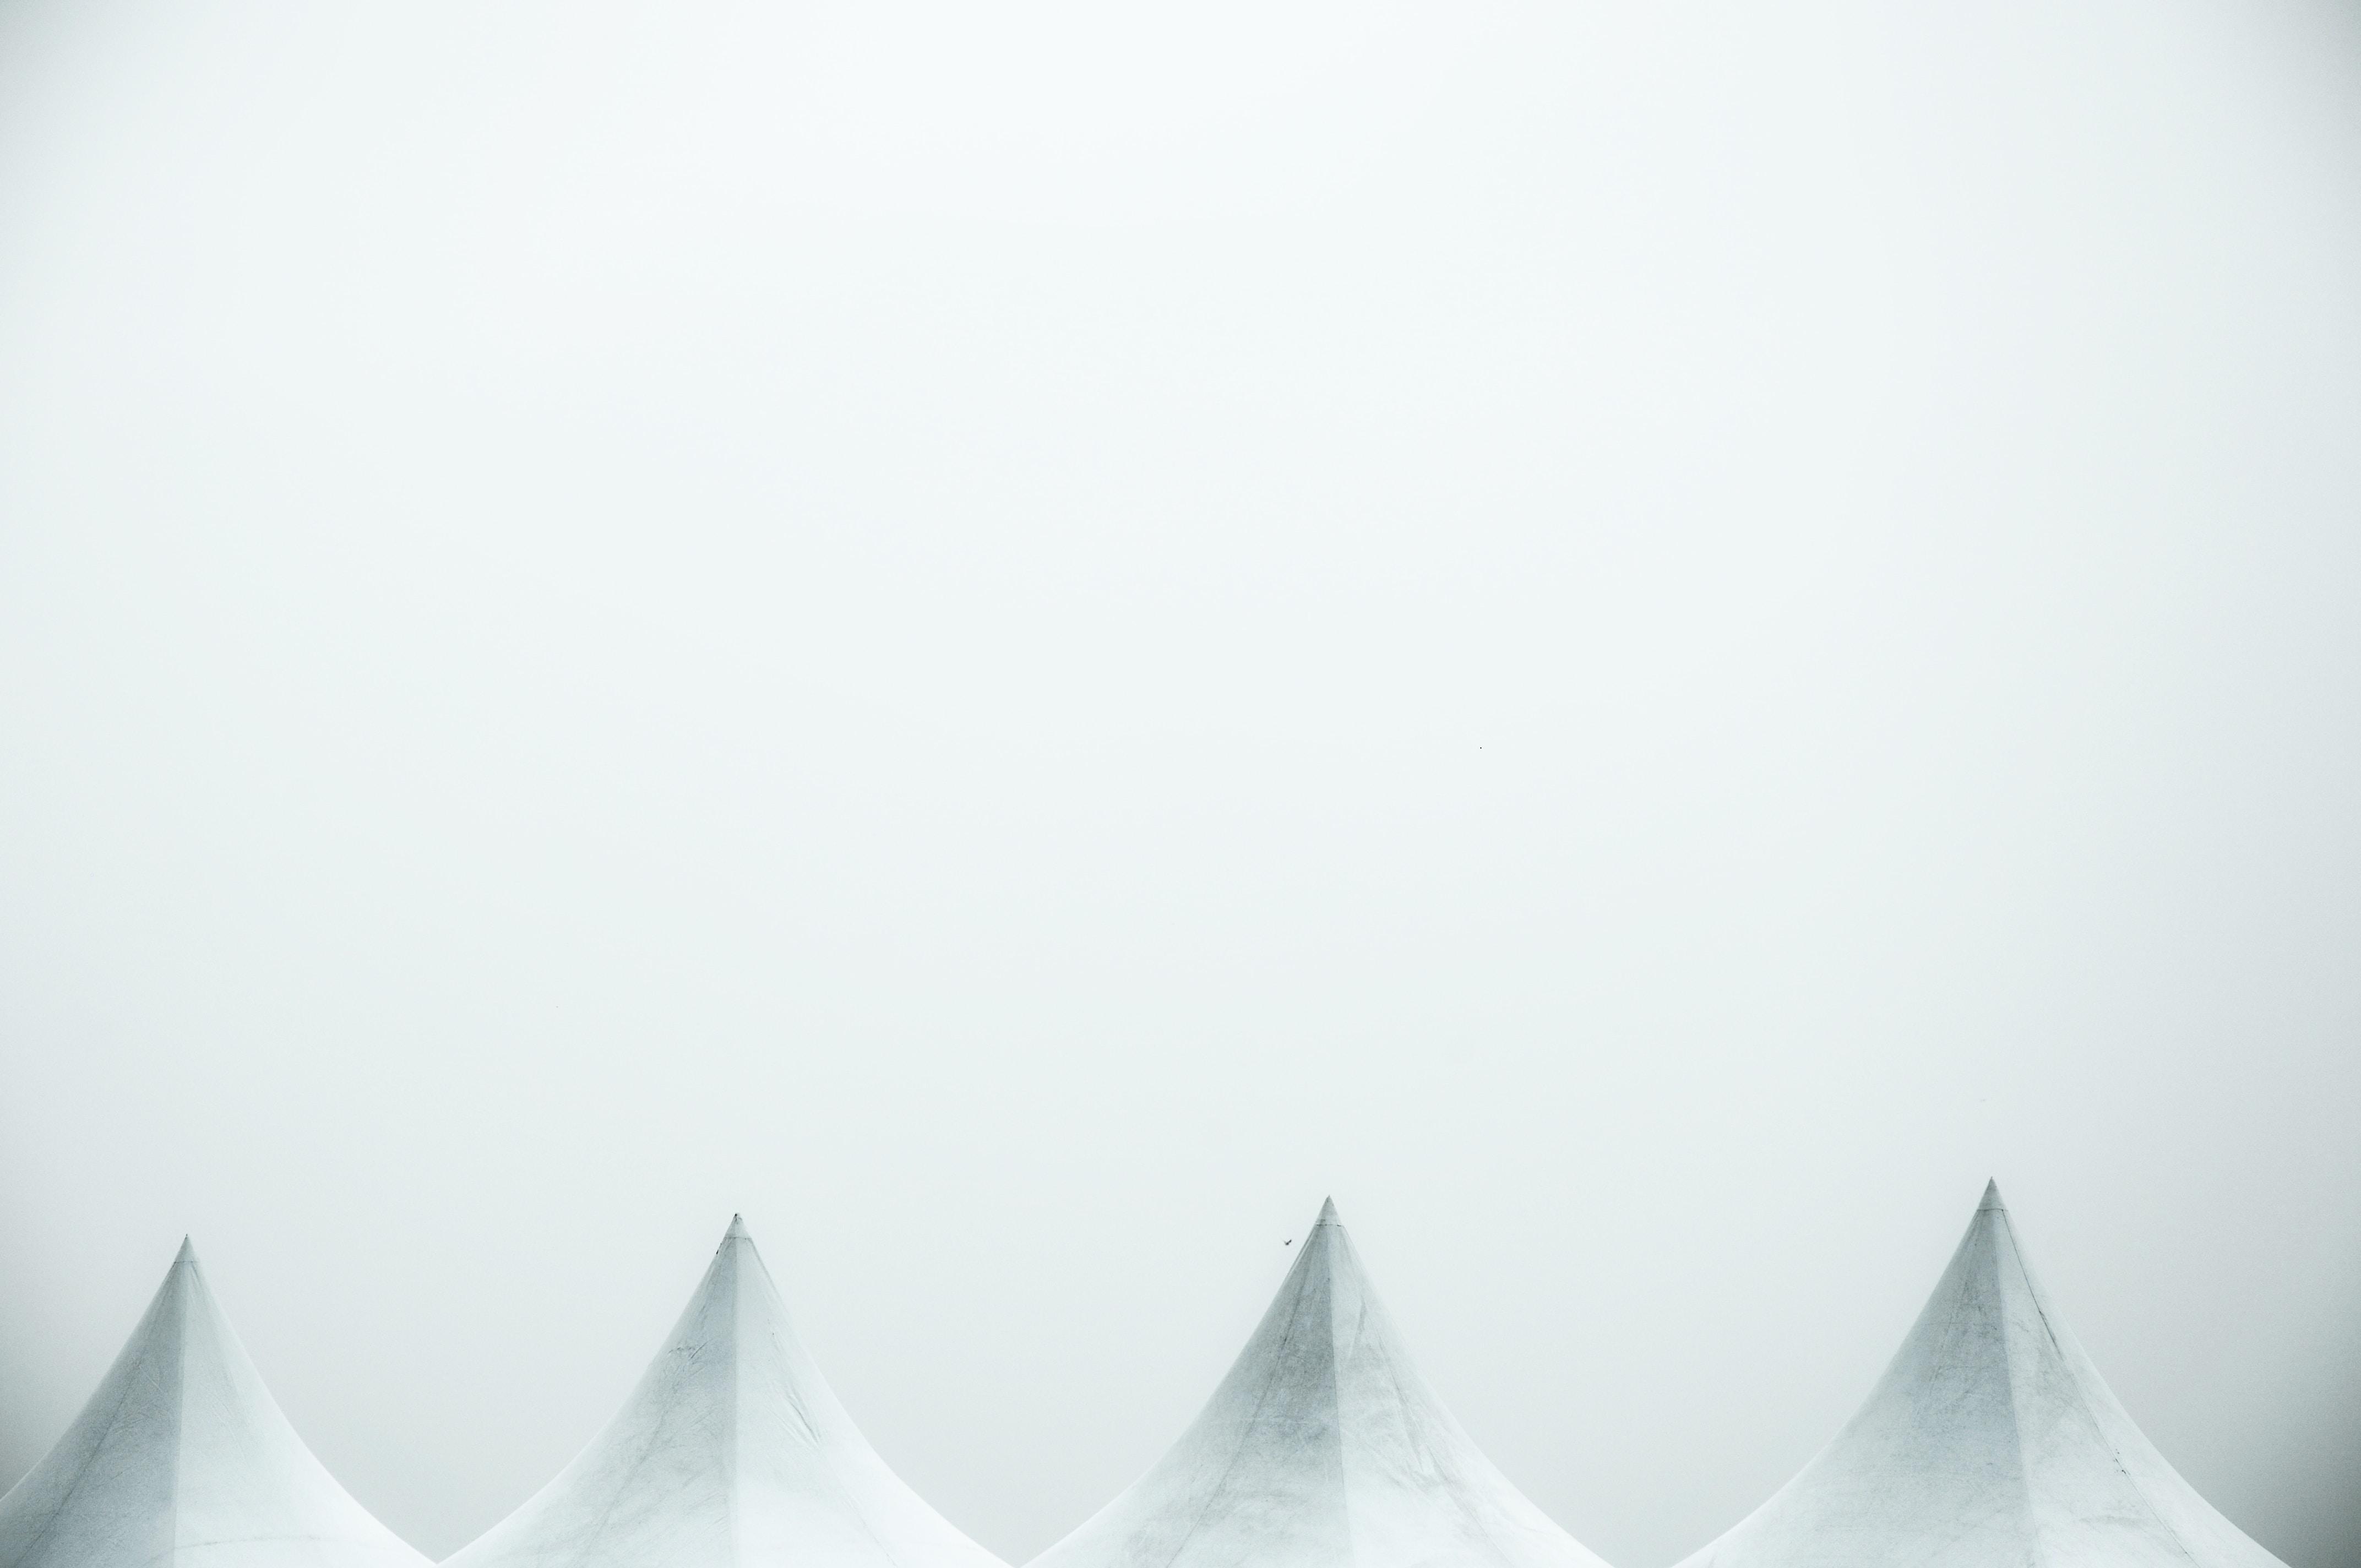 four white mountains